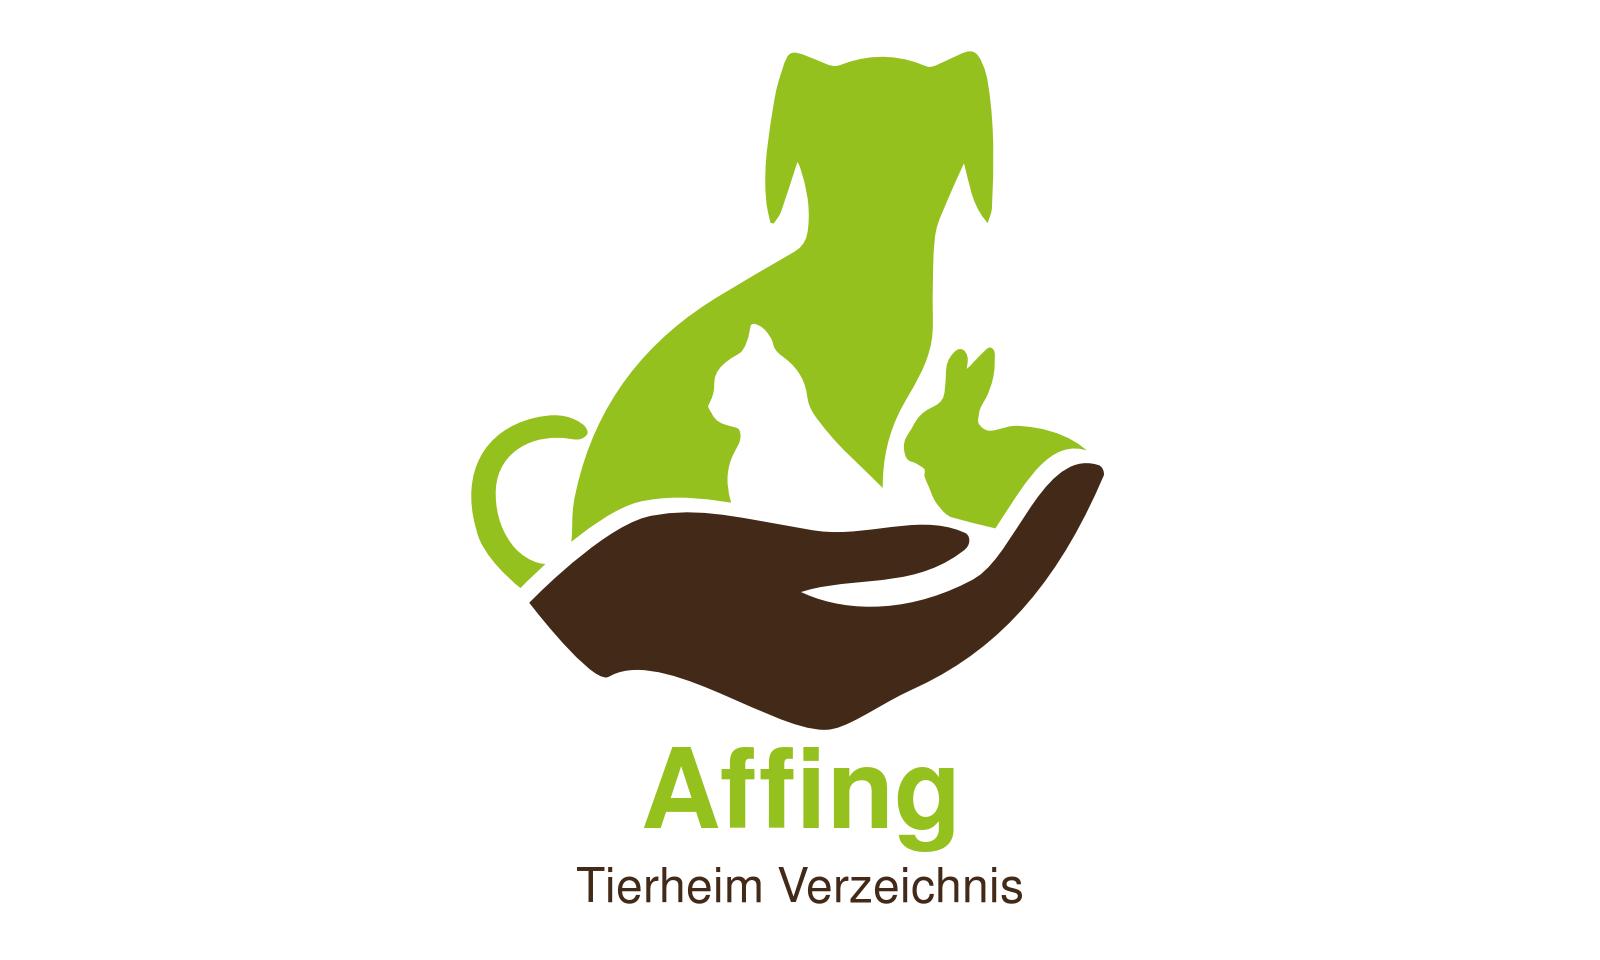 Tierheim Affing